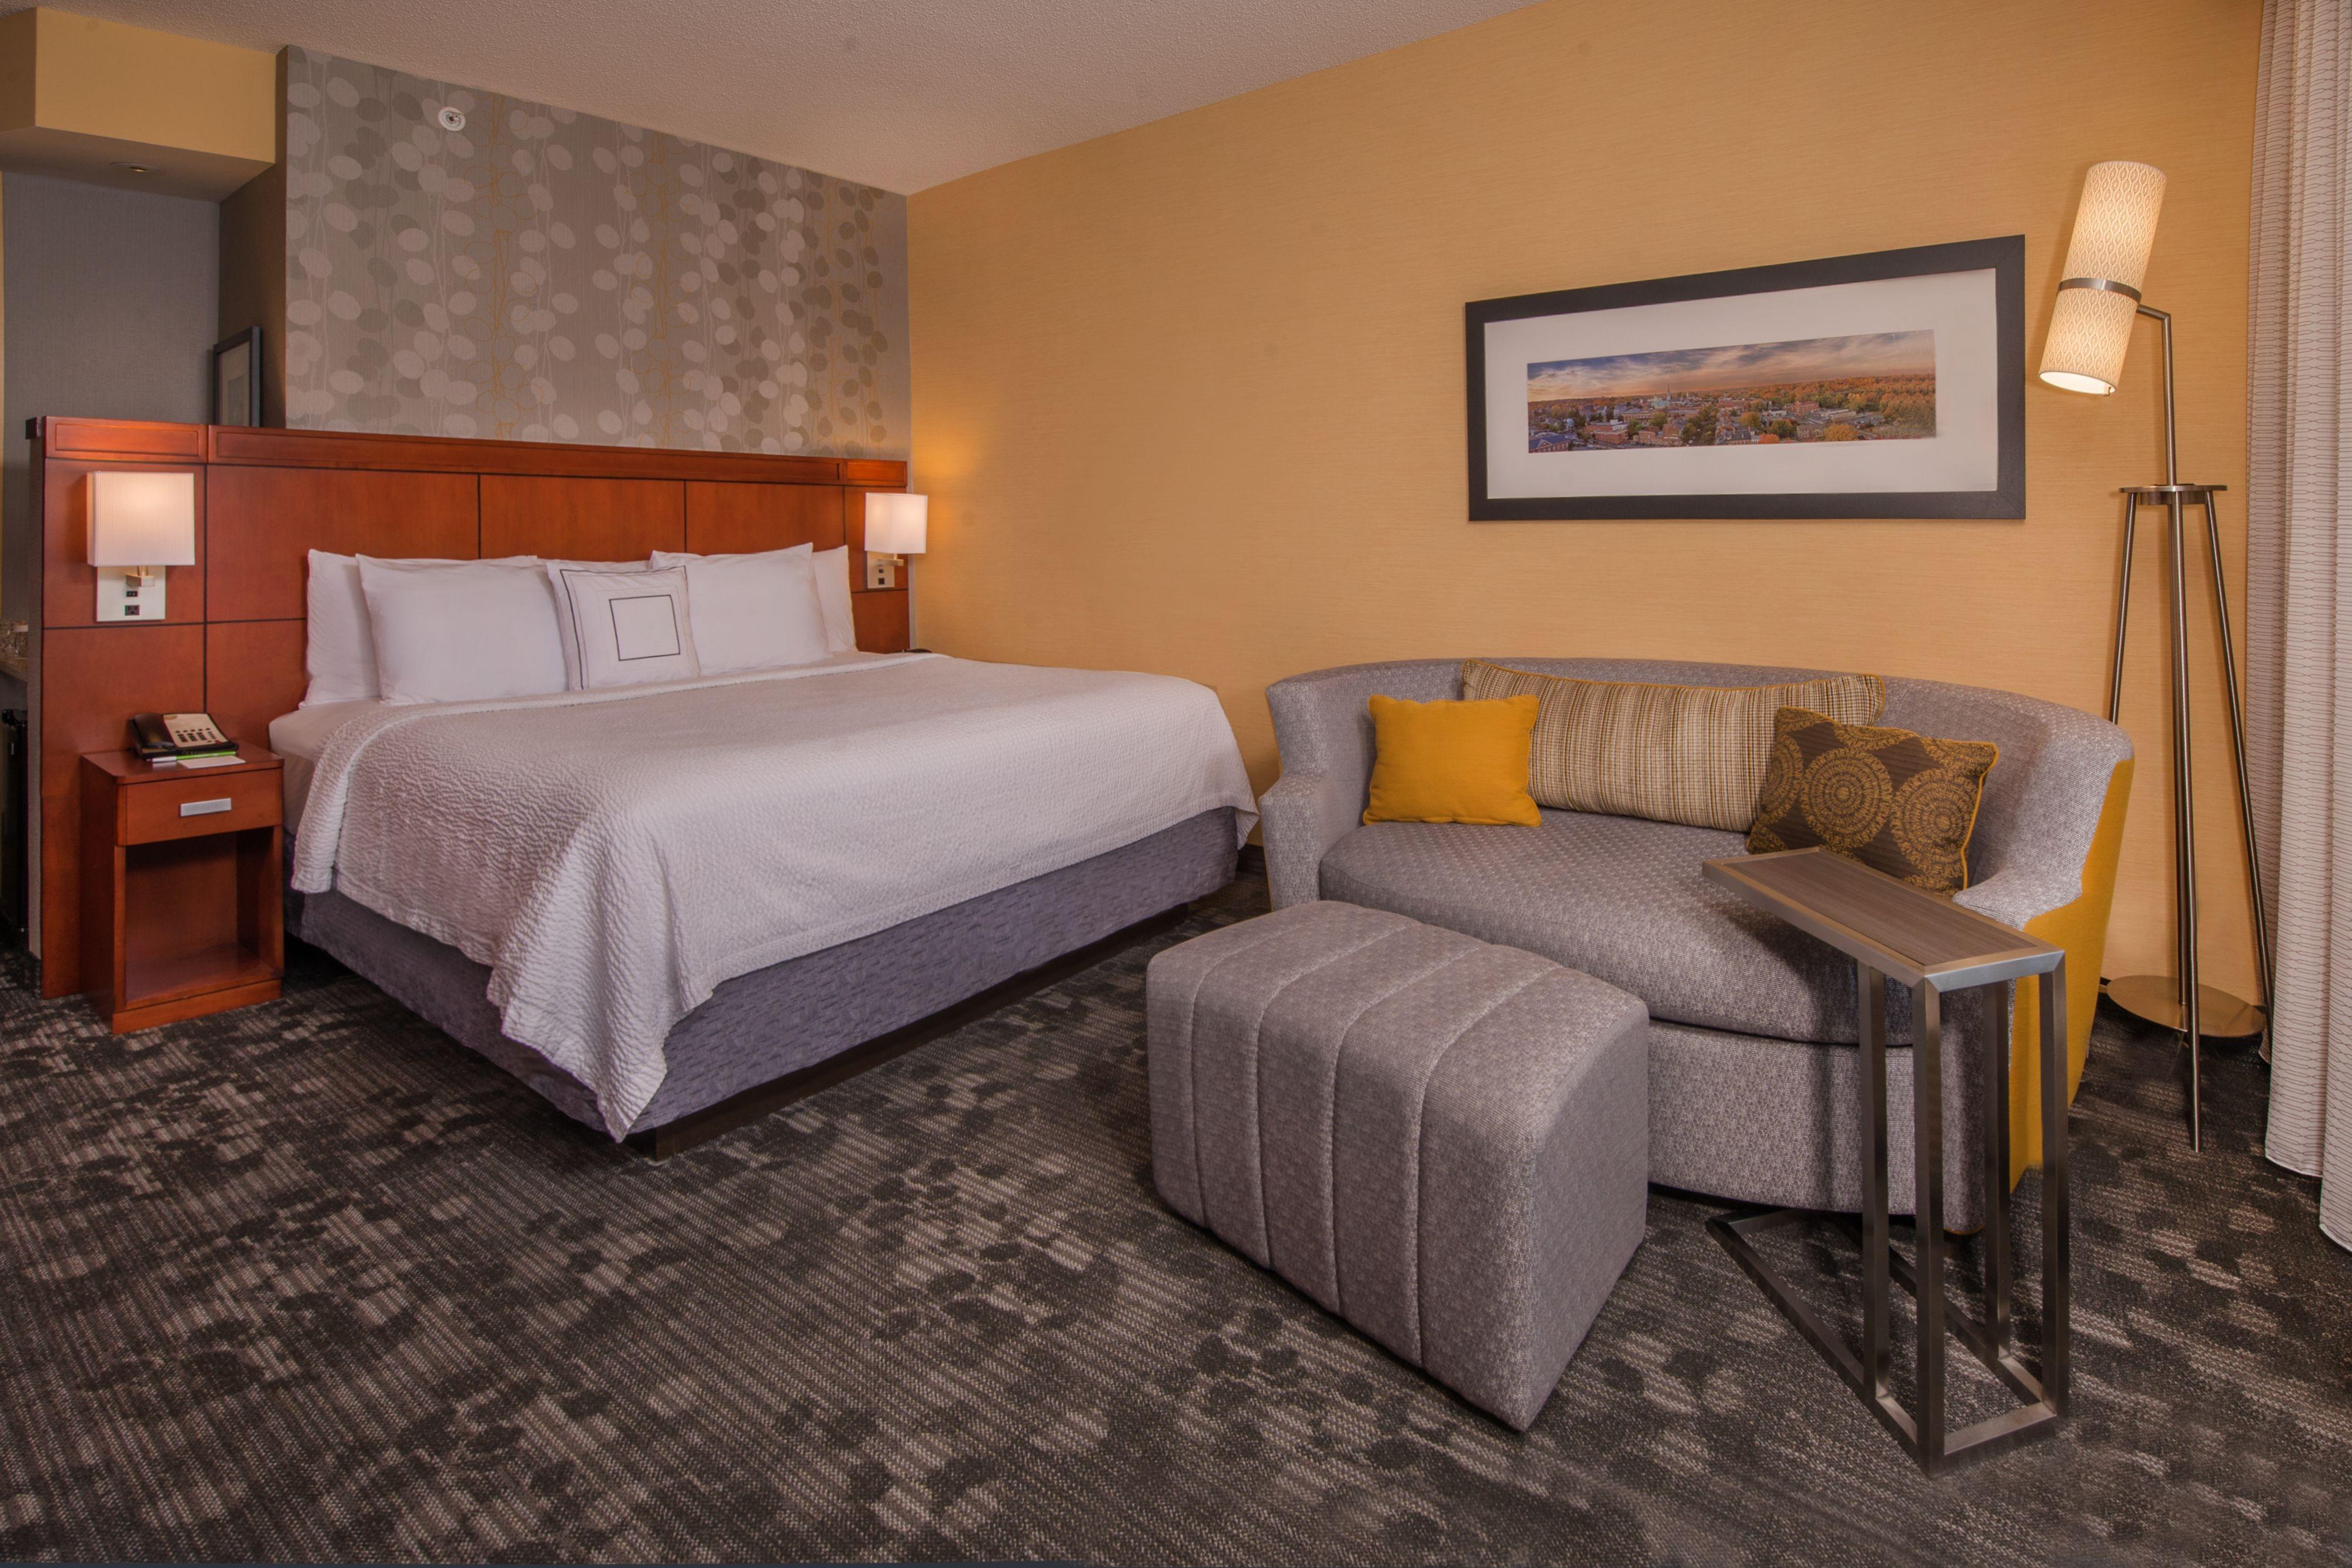 Chambre standard avec lit king size